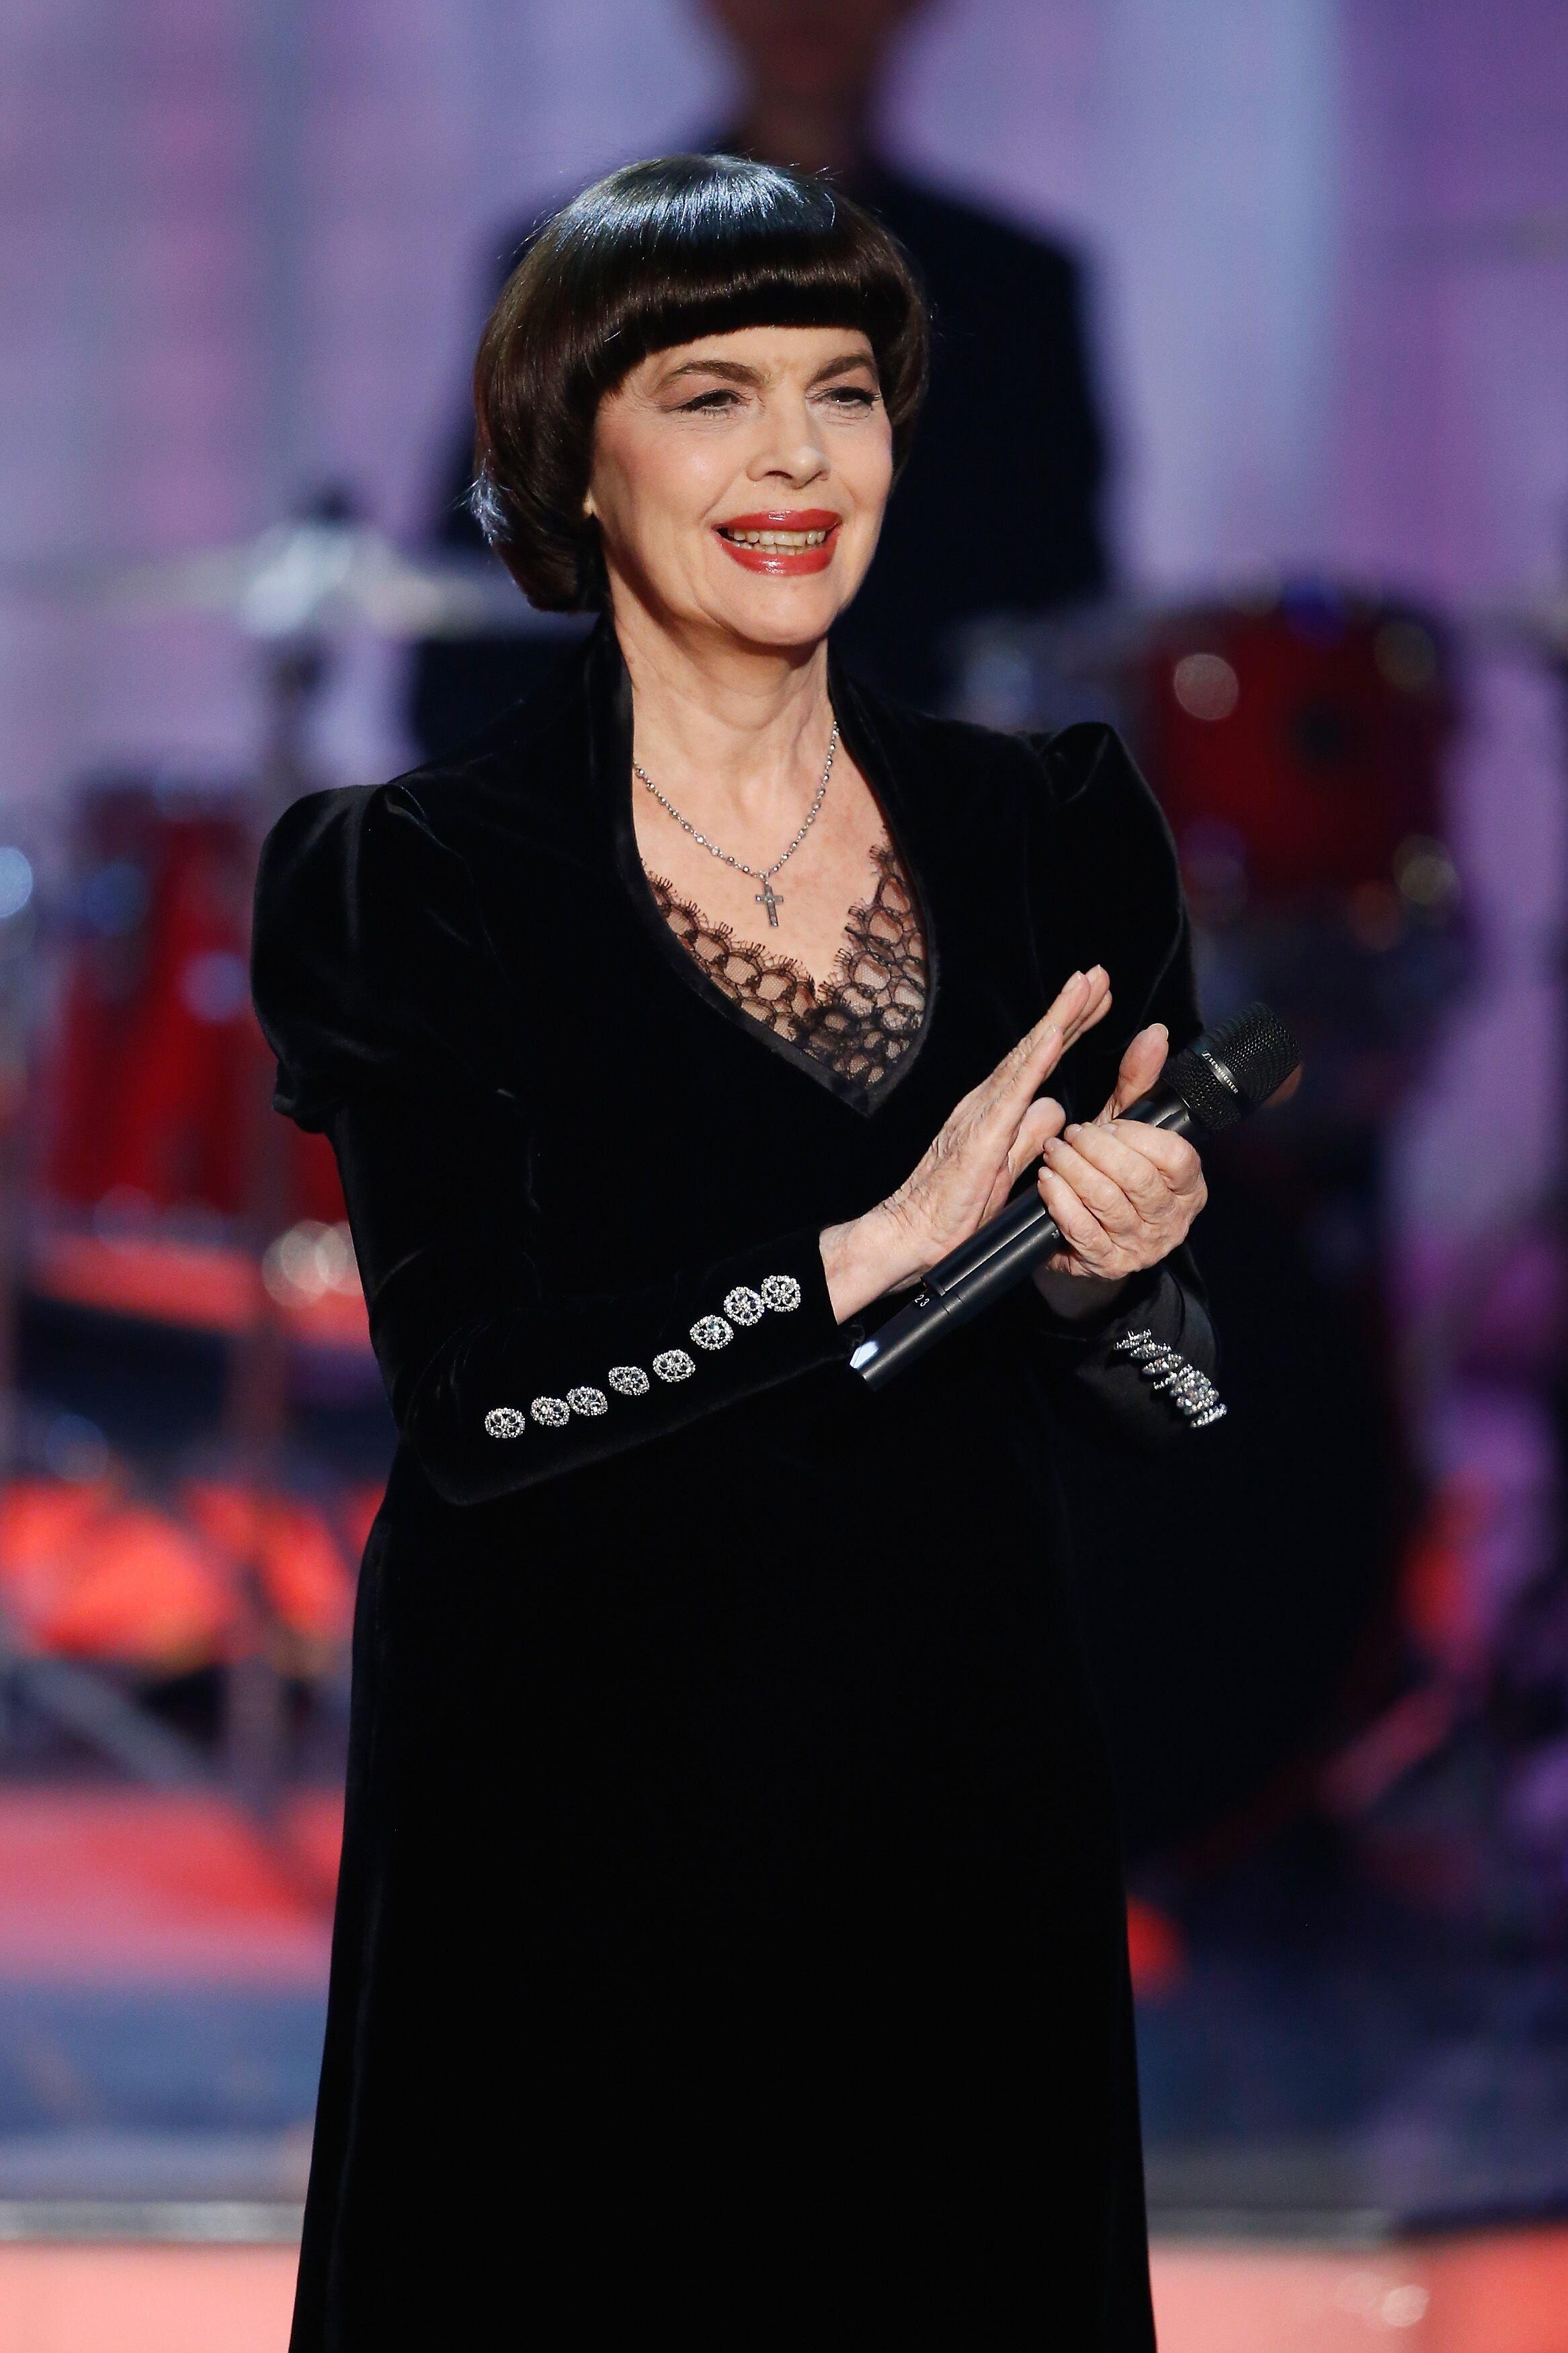 La célèbre chanteuse Mireille Mathieu. l Source : Getty Images